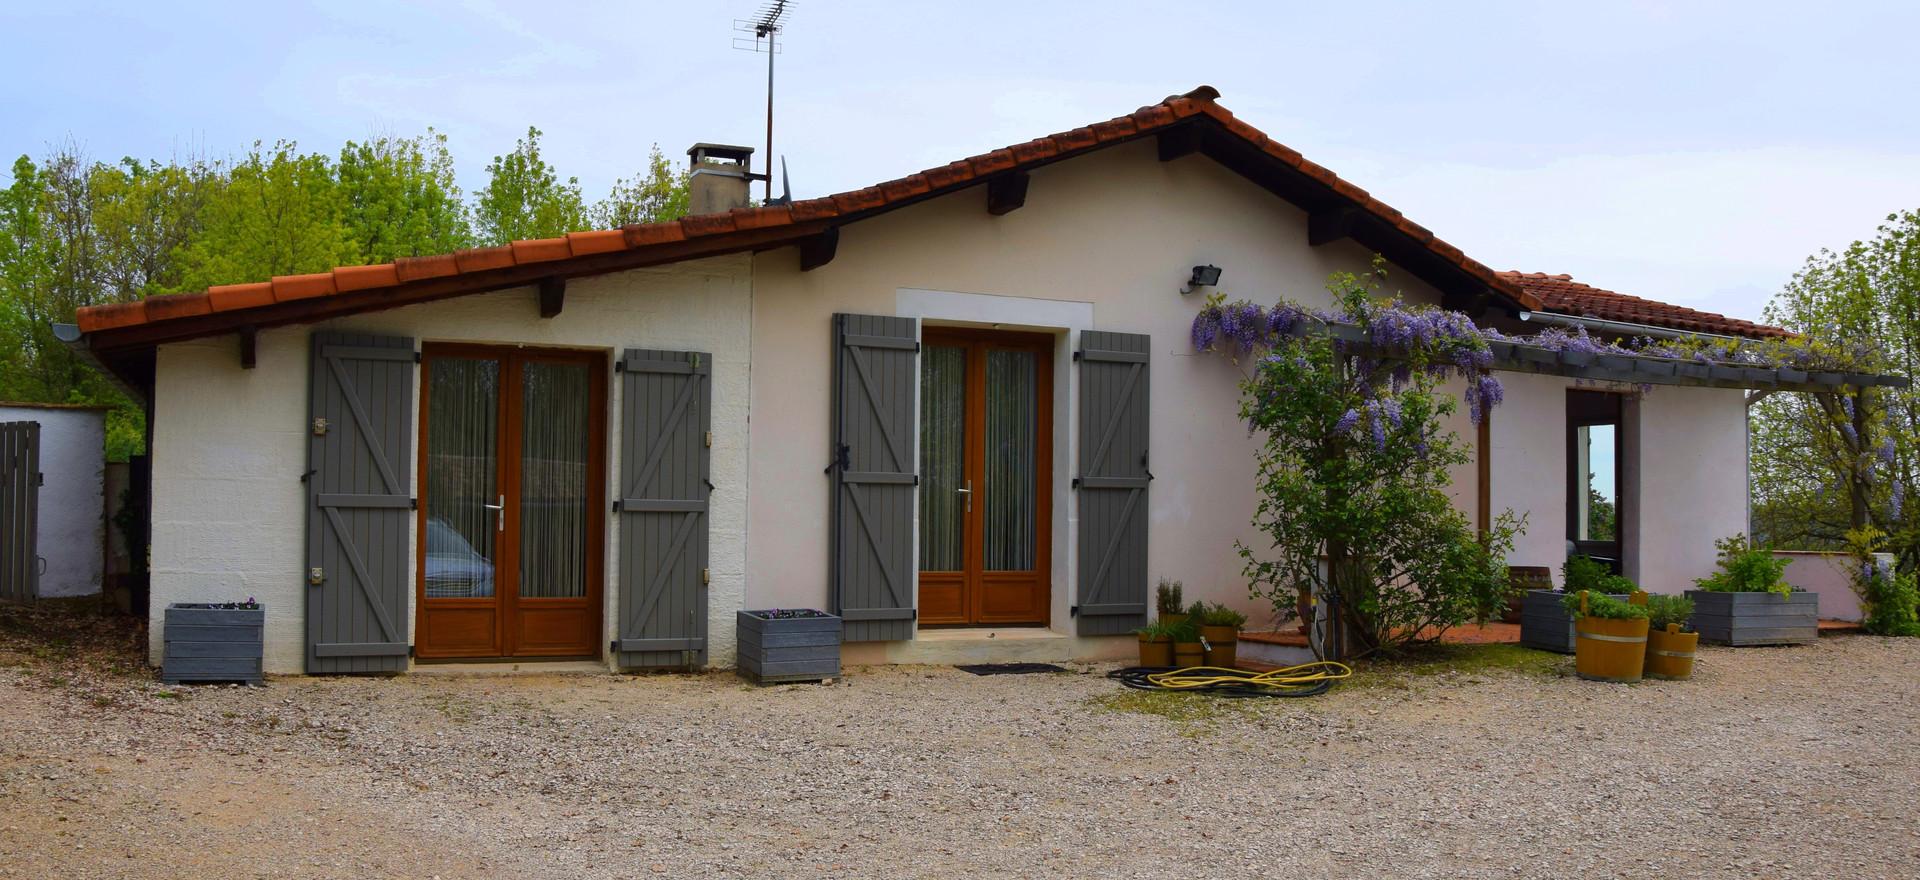 Het huis gelegen in Puycelsi.